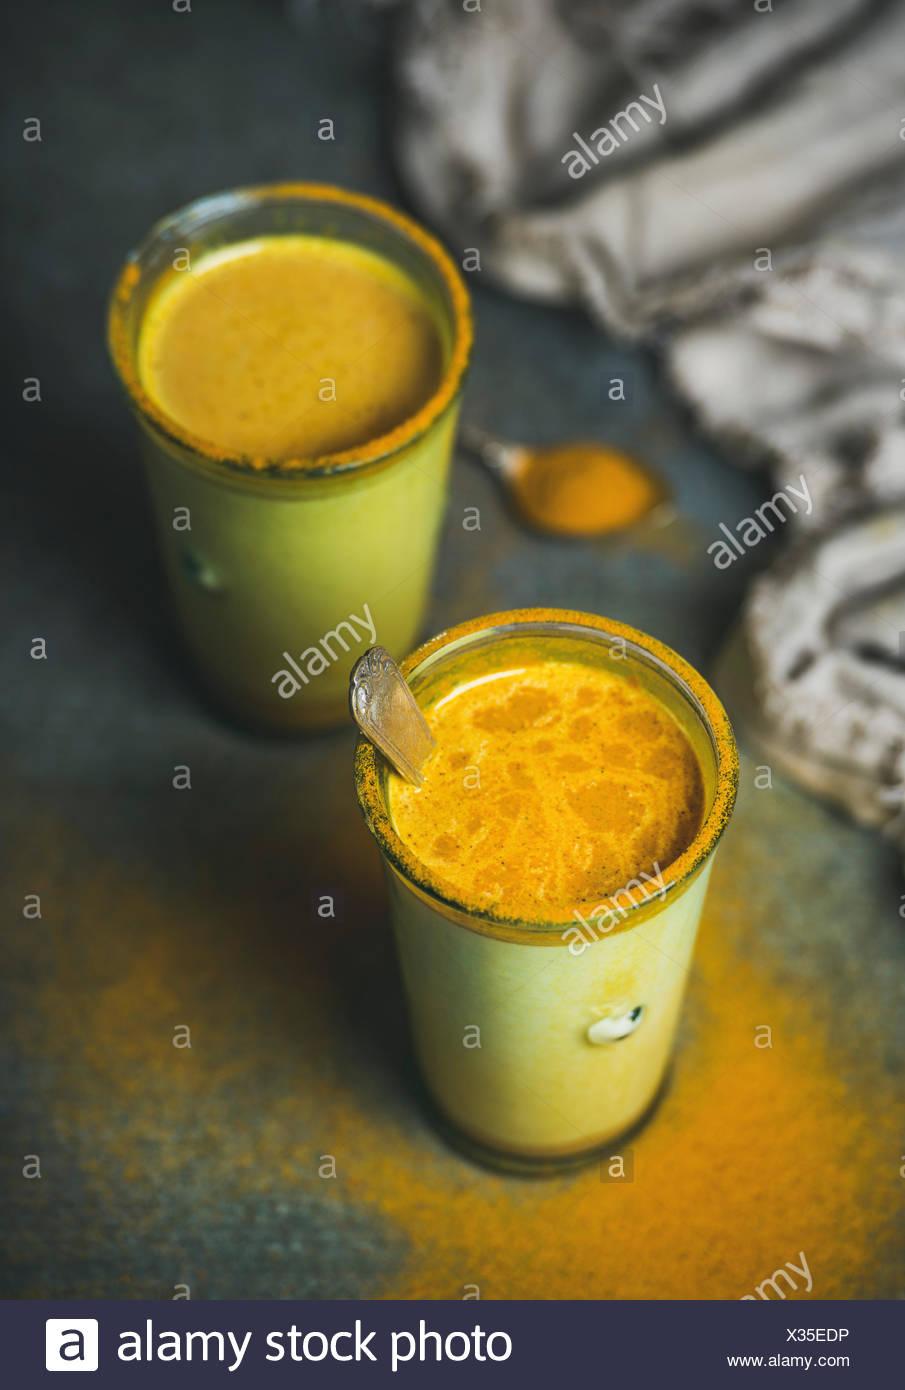 Golden leche con cúrcuma en polvo en copas sobre un fondo oscuro. Impulsar la salud y la energía, la gripe, remedio natural lucha fría bebida. Limpie el comer, d Imagen De Stock